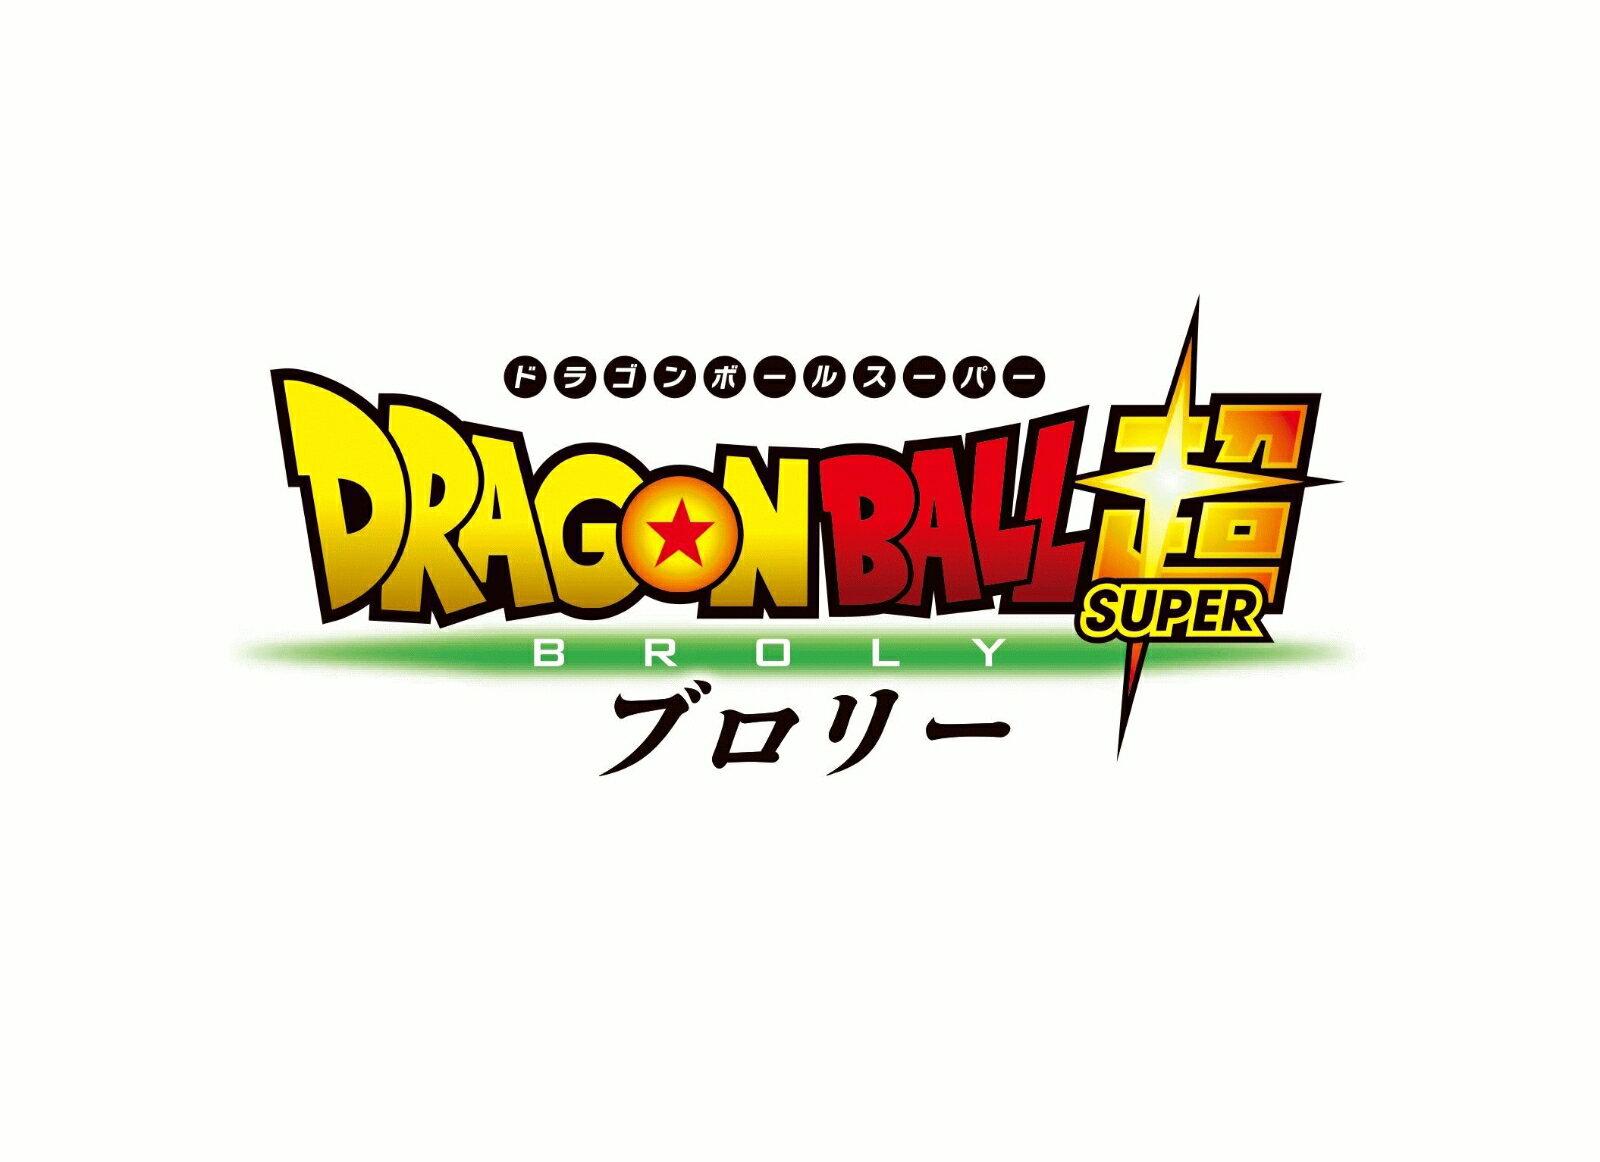 ドラゴンボール超 ブロリー(特別限定版)